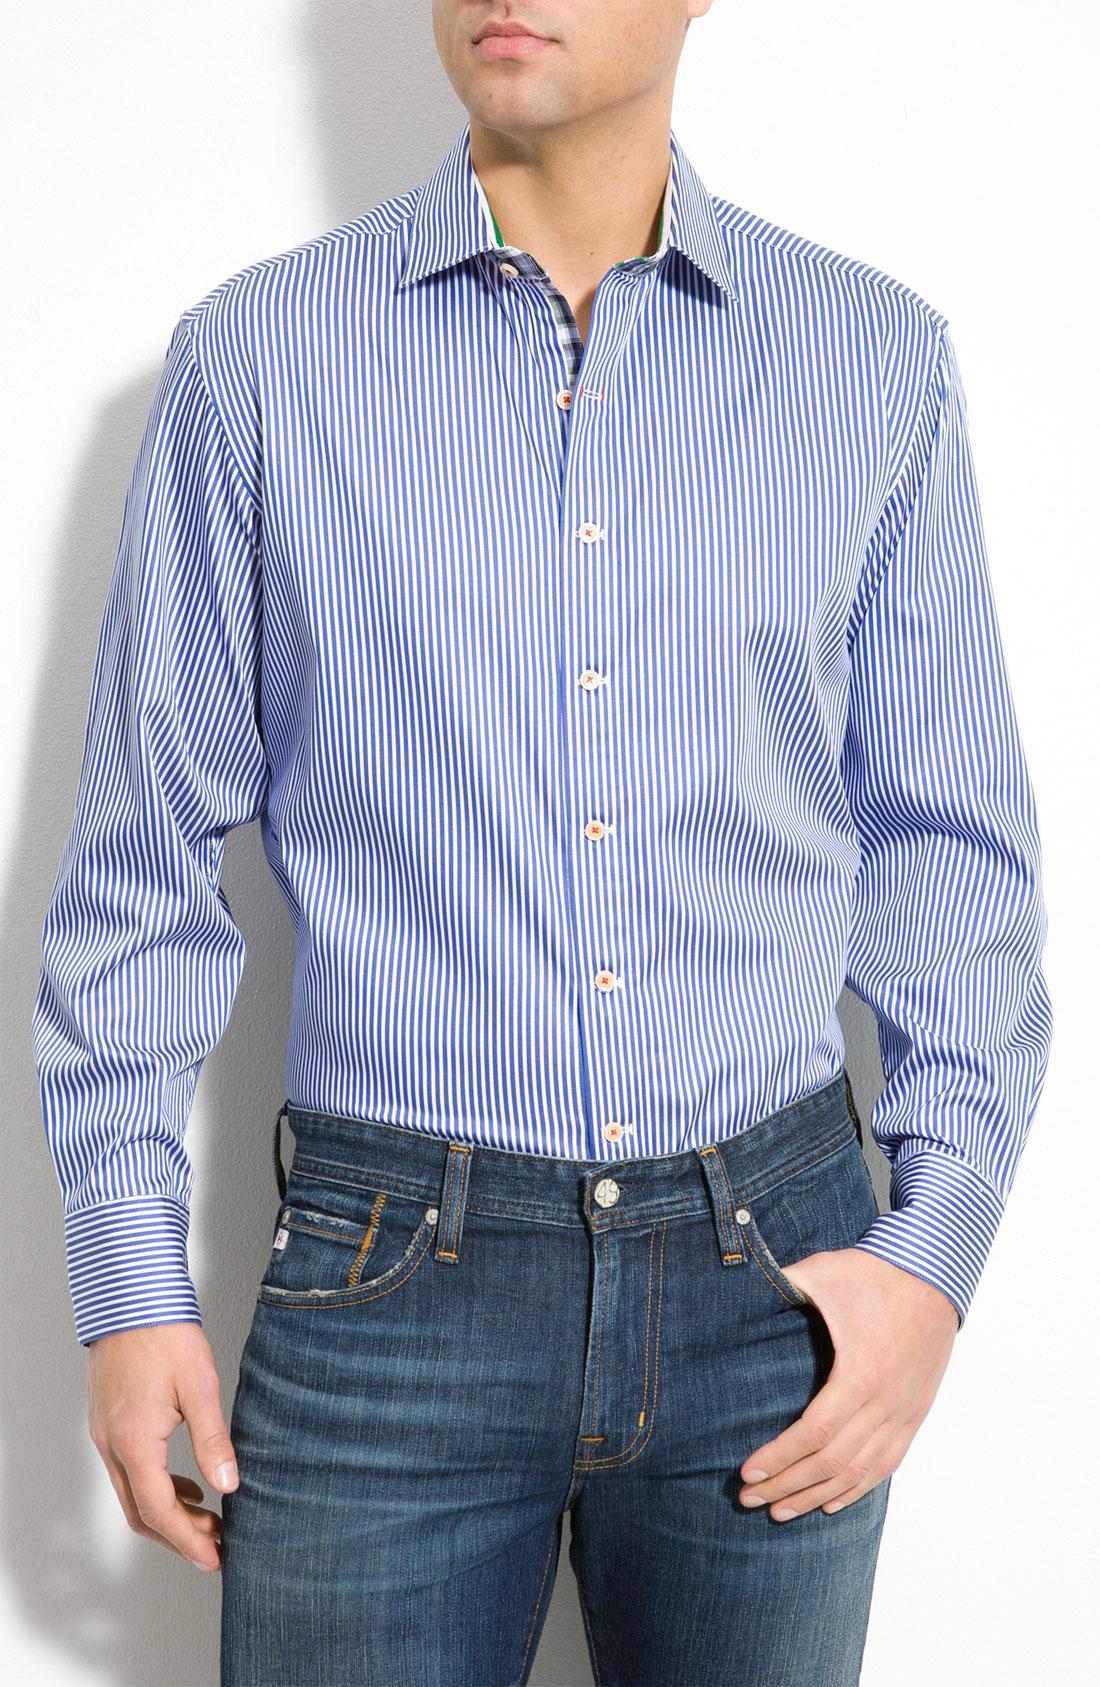 Robert graham stripe woven sport shirt in blue for men lyst for Robert graham sport shirt